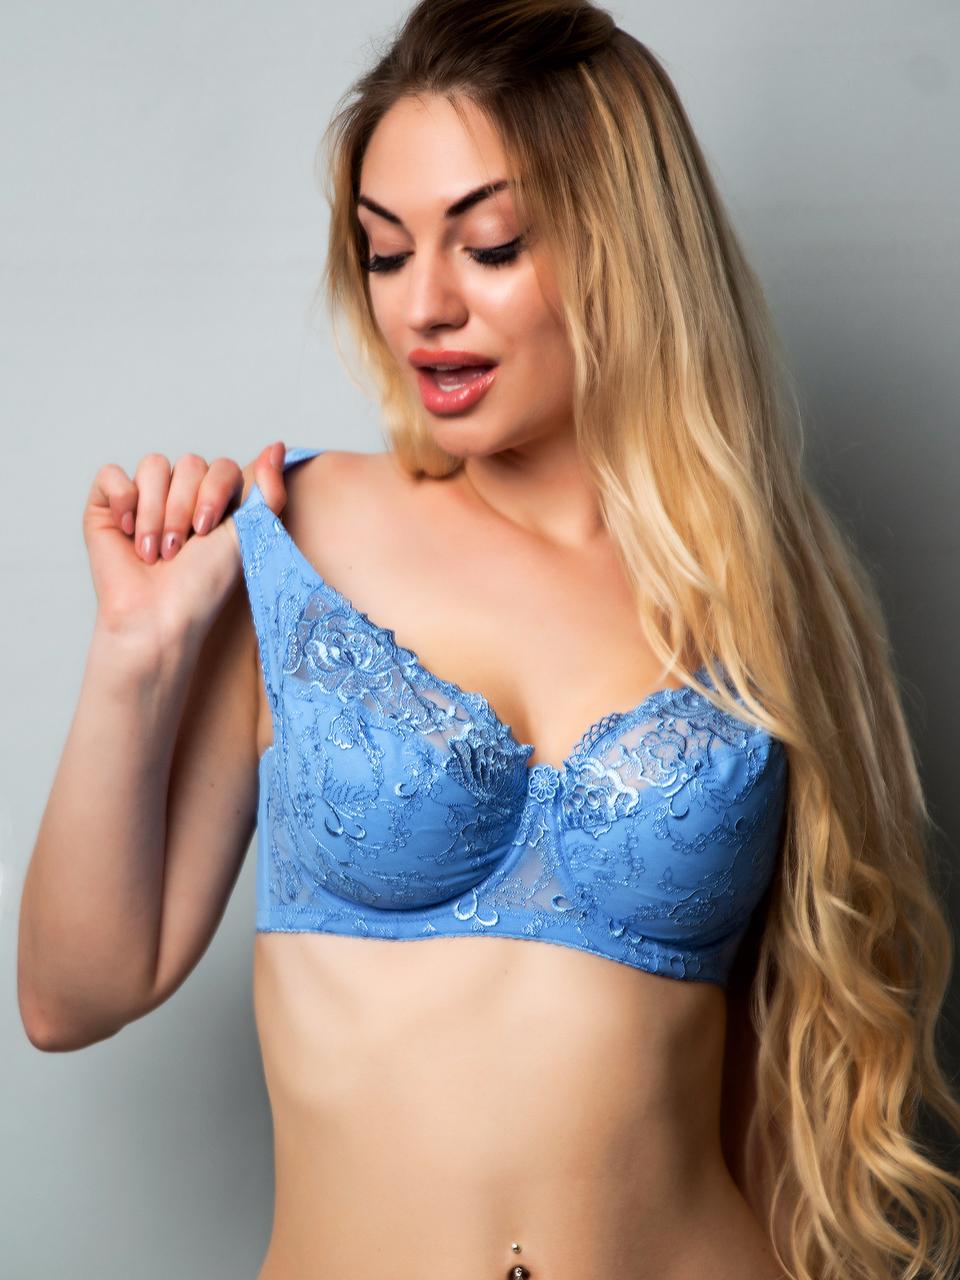 Бюстгальтер Diorella 38018D, цвет Голубой, размер 80D